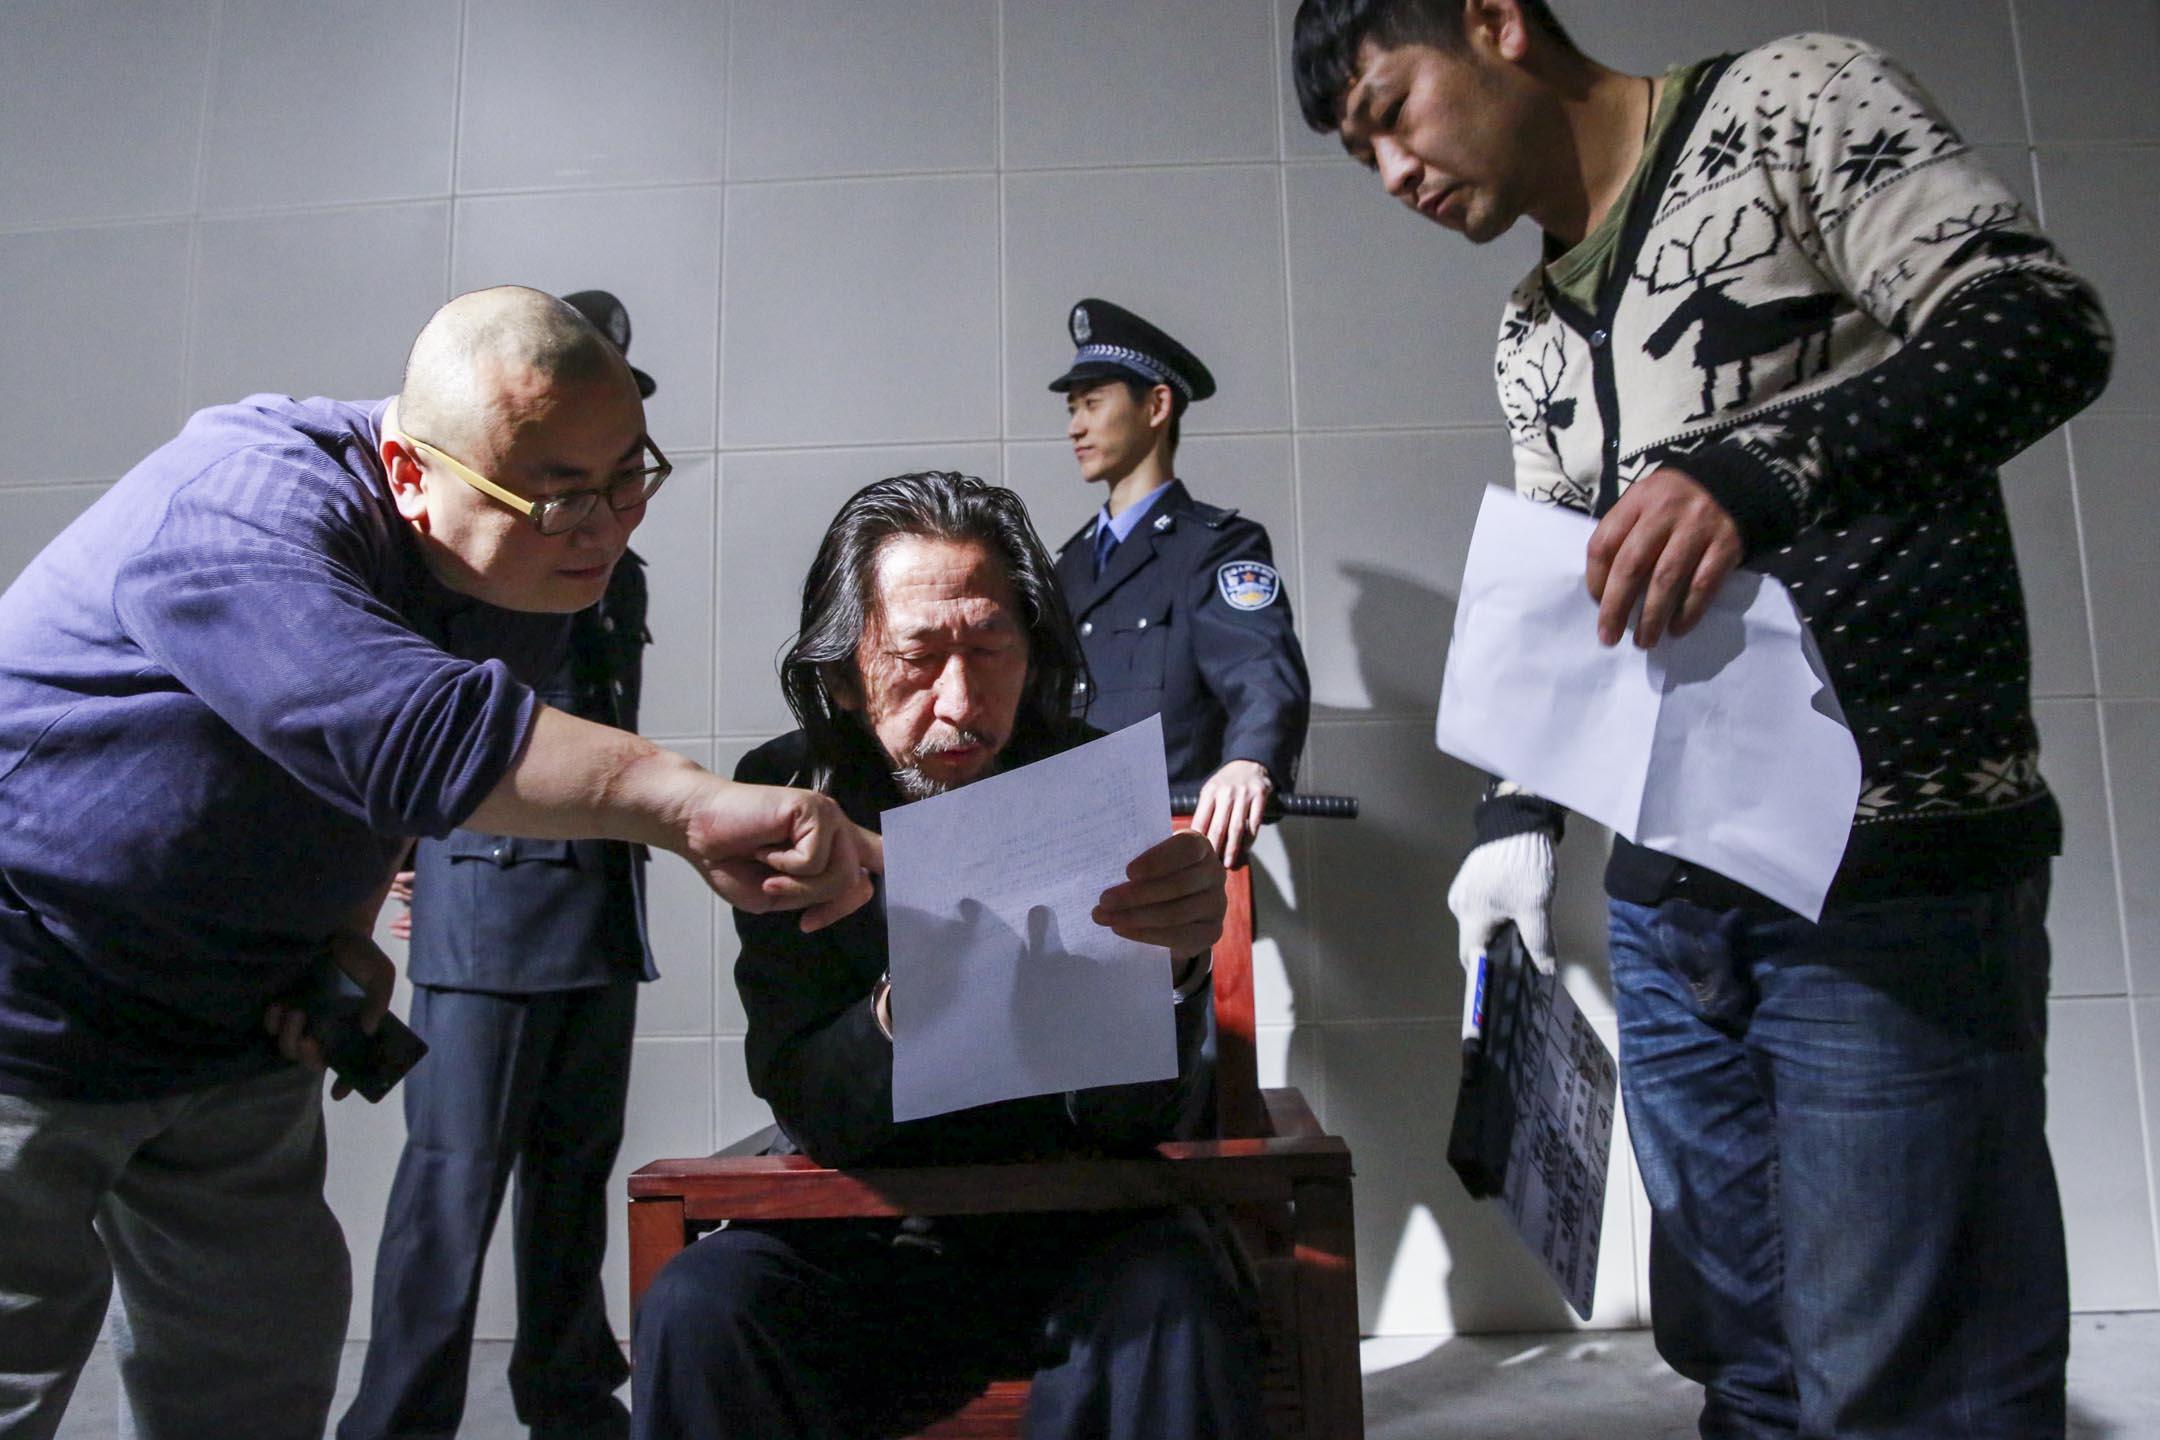 雎安奇在《失蹤的警察》拍攝現場。 圖:受訪者提供